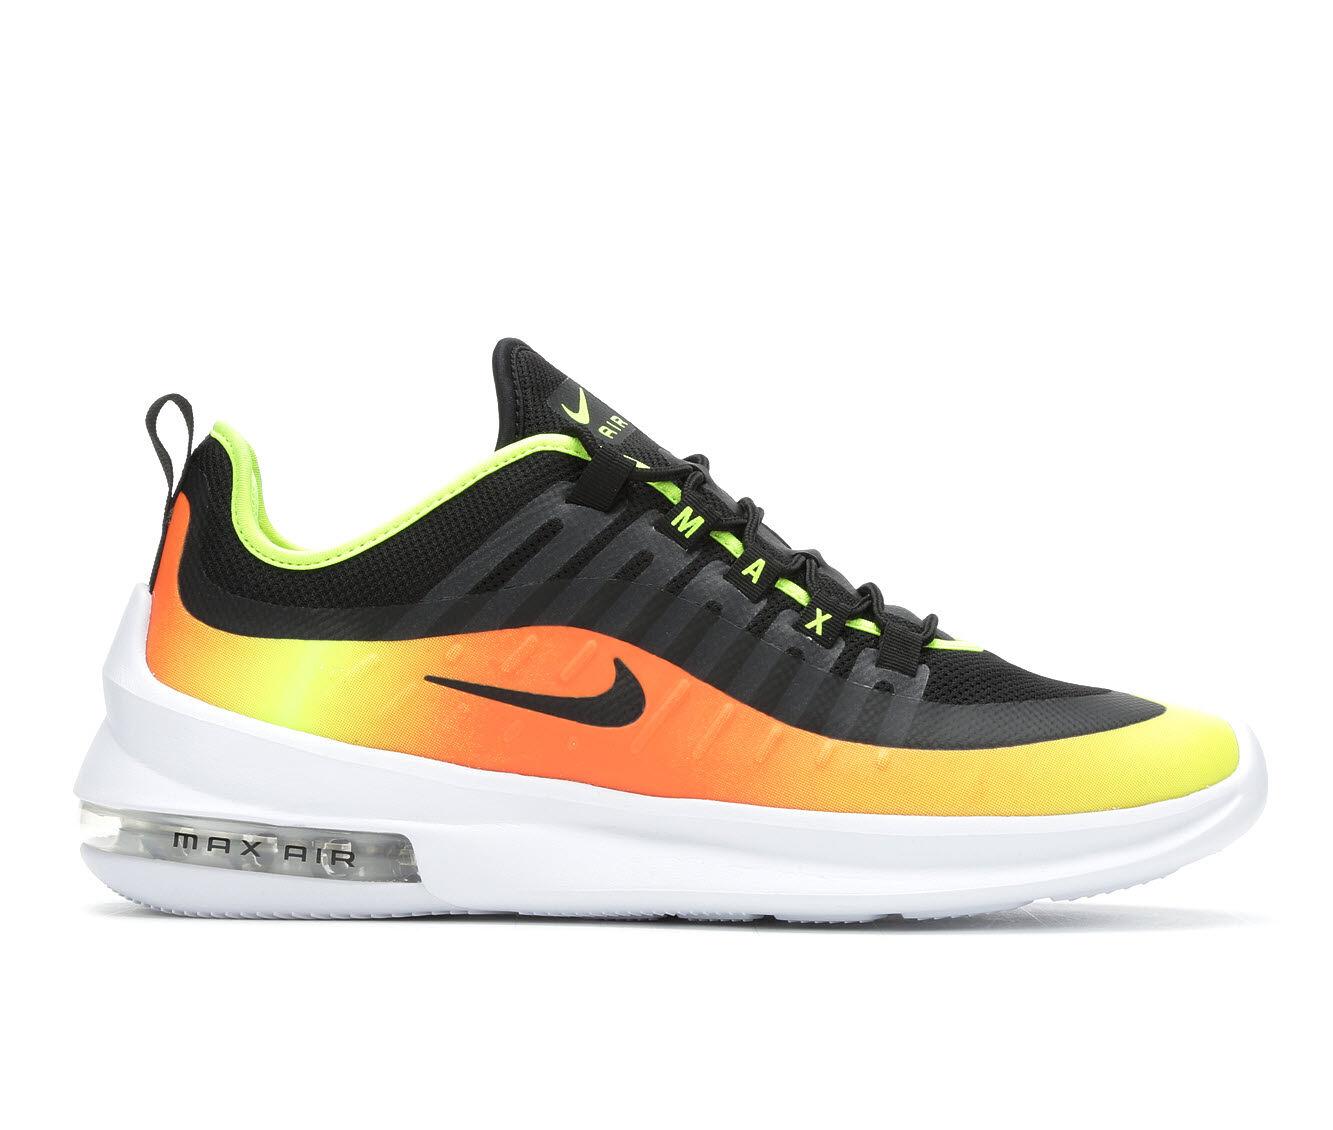 Men's Nike Air Max Axis Premium Sneakers Or/Bk/Wh/Vt 006